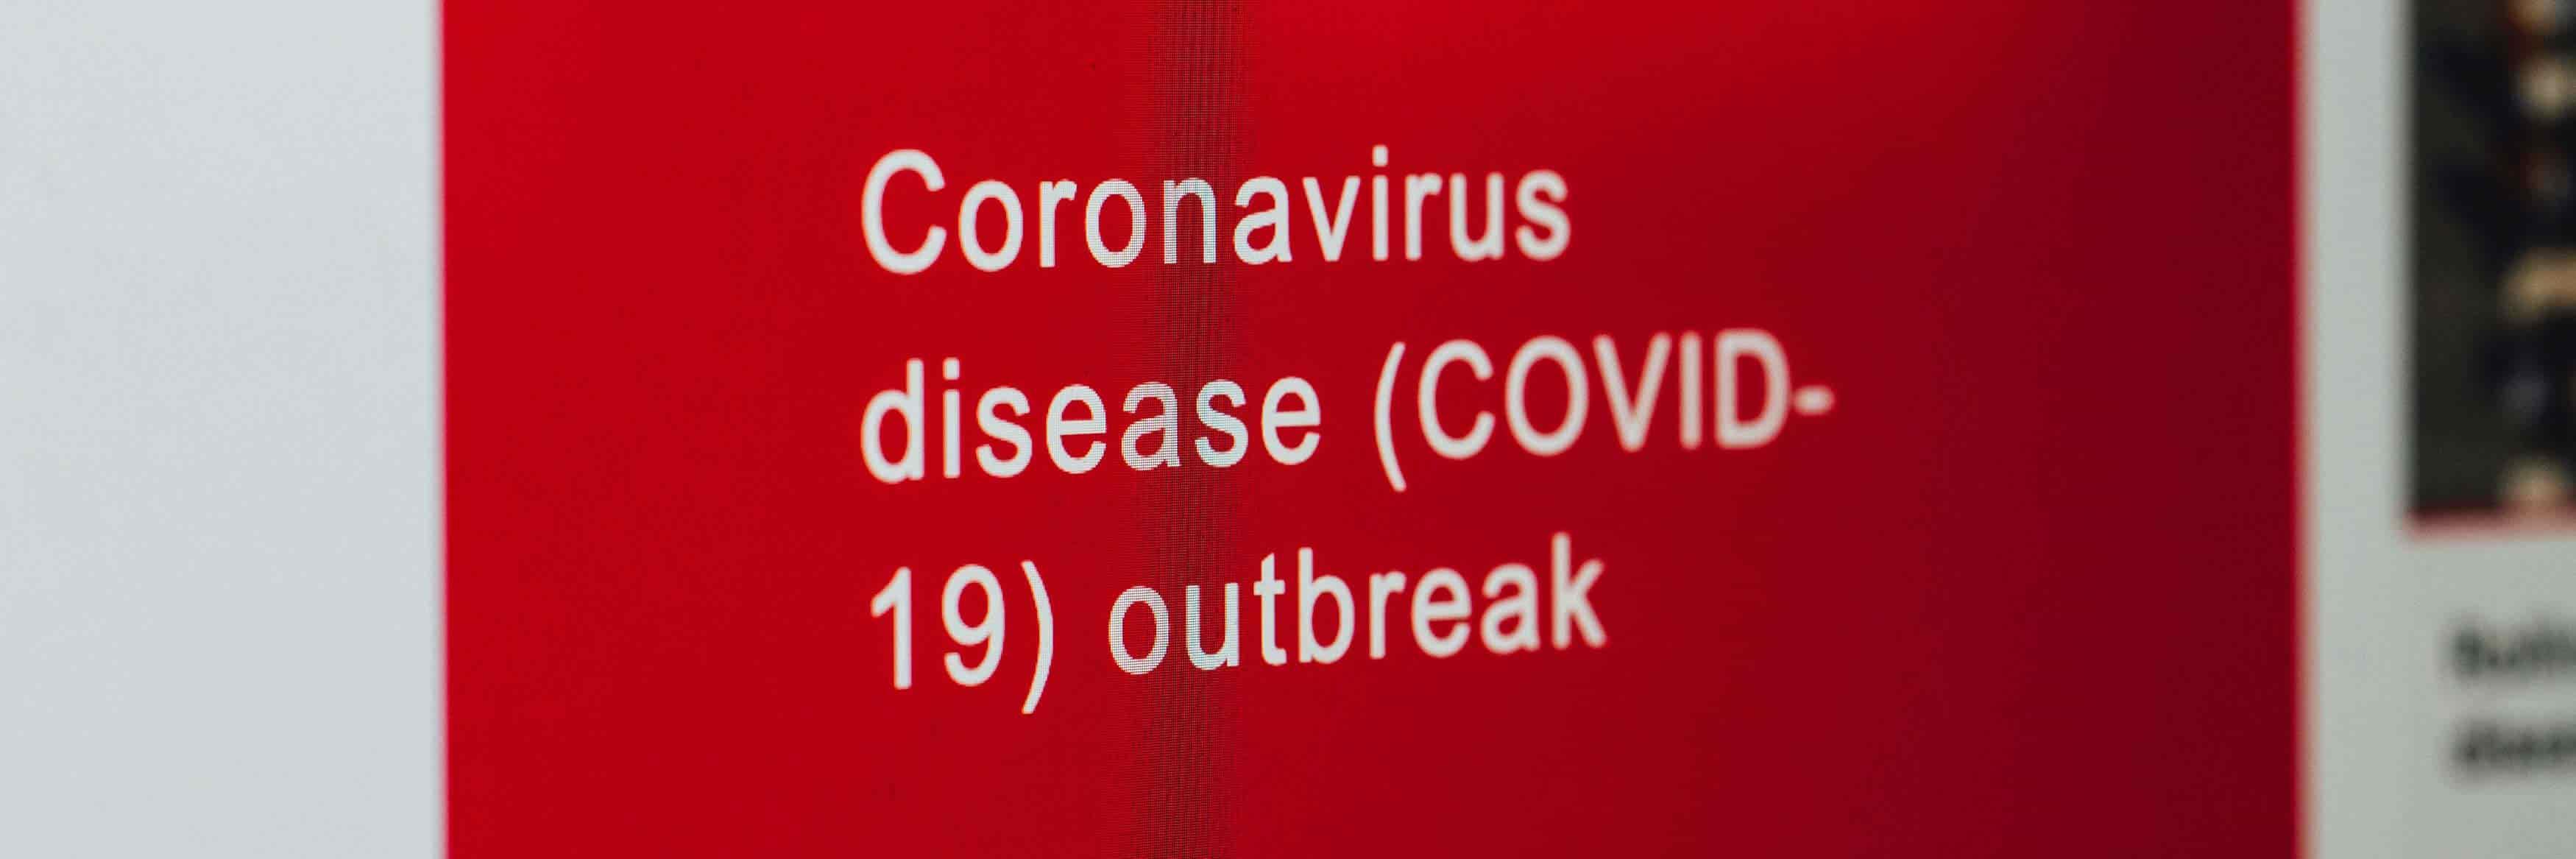 De coronacrisis als een aanjager van een gezonder omgevingsbeleid